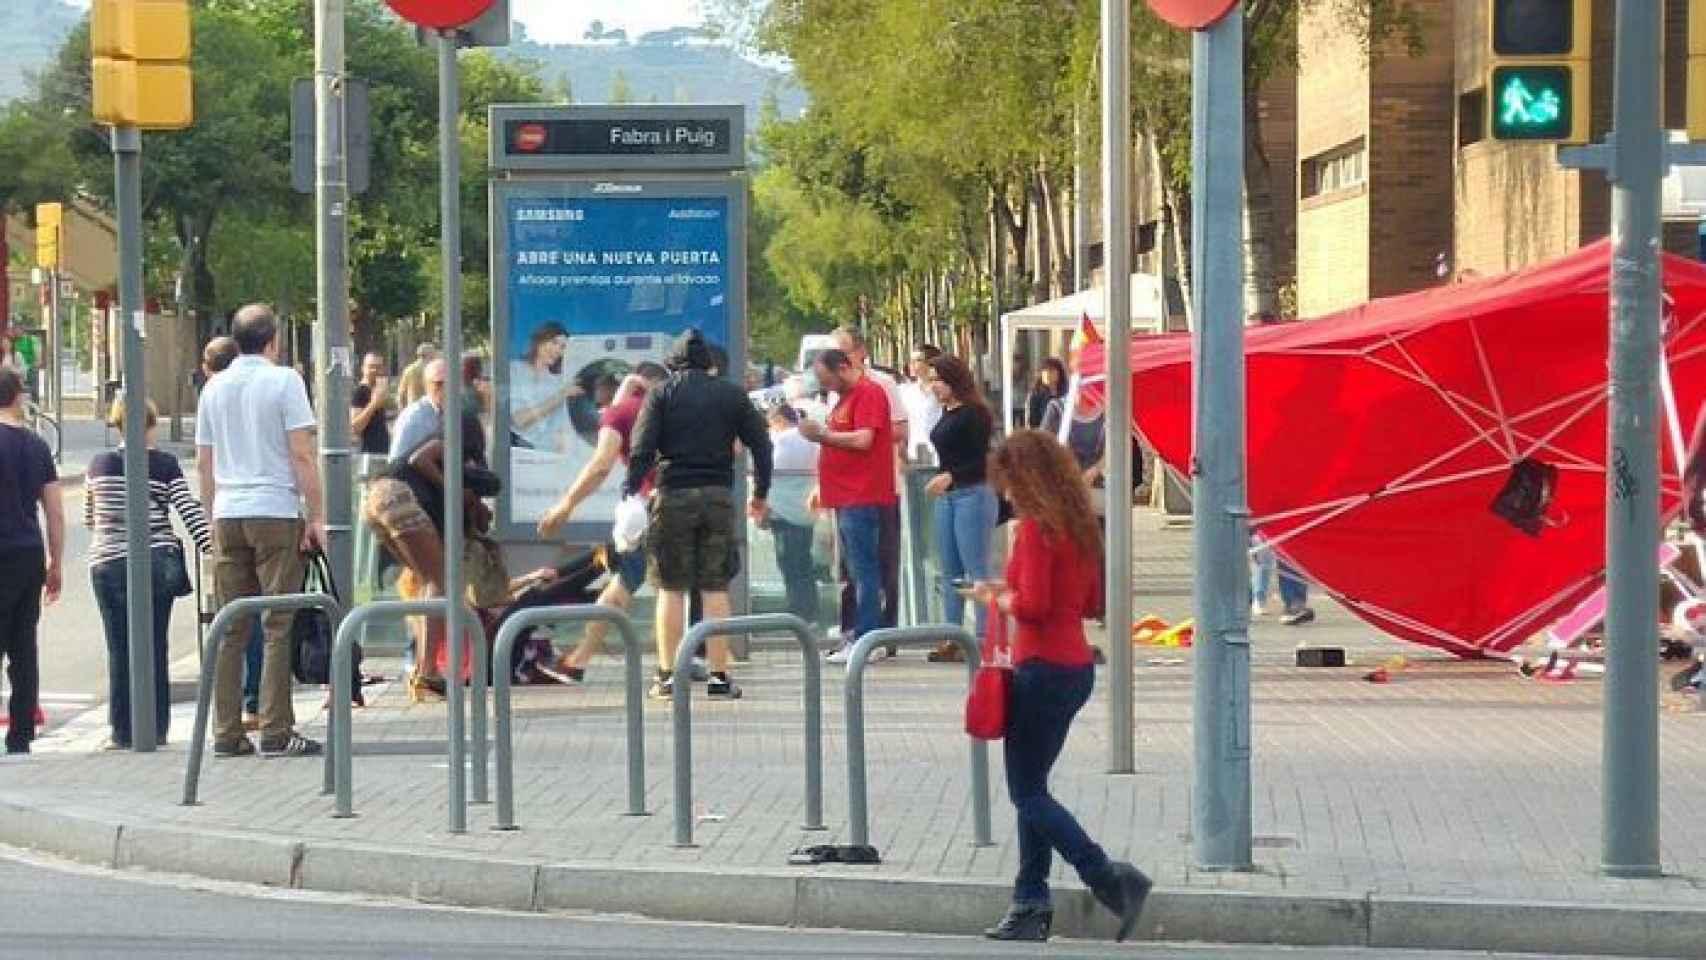 Momento de la agresión en Barcelona, el pasado 5 de junio